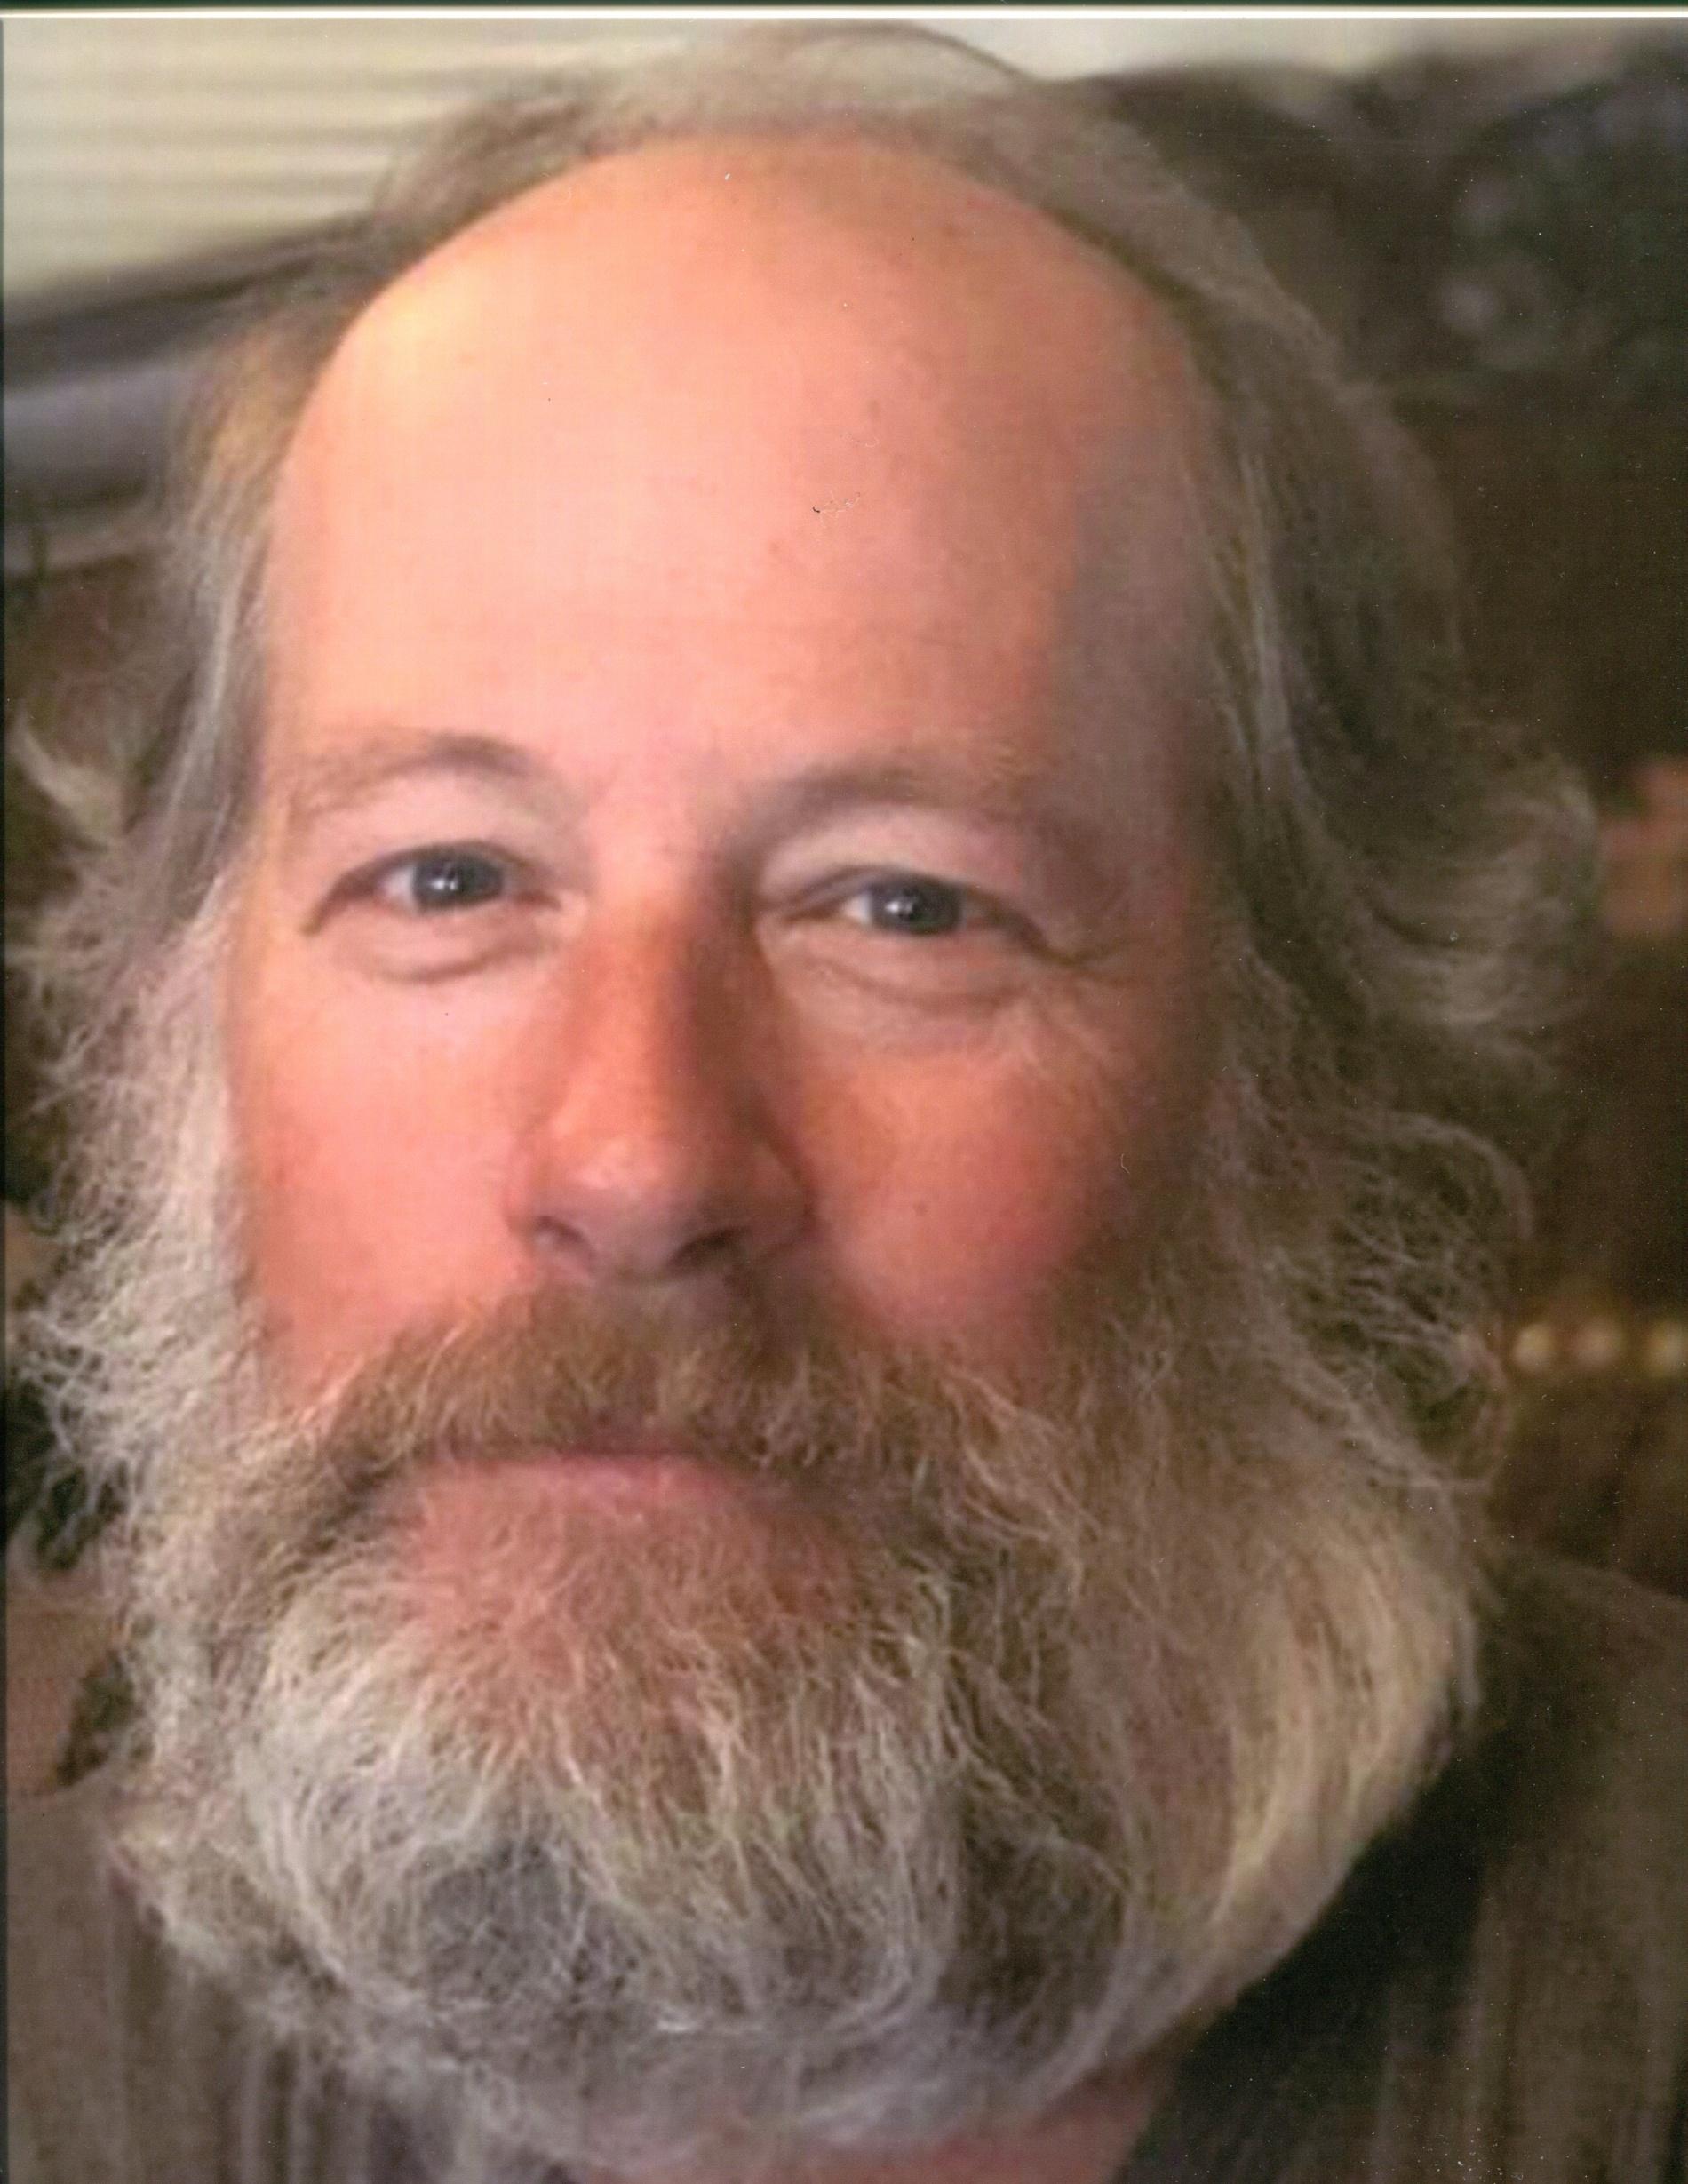 Kurt Allan Jording, 55, Scottsbluff